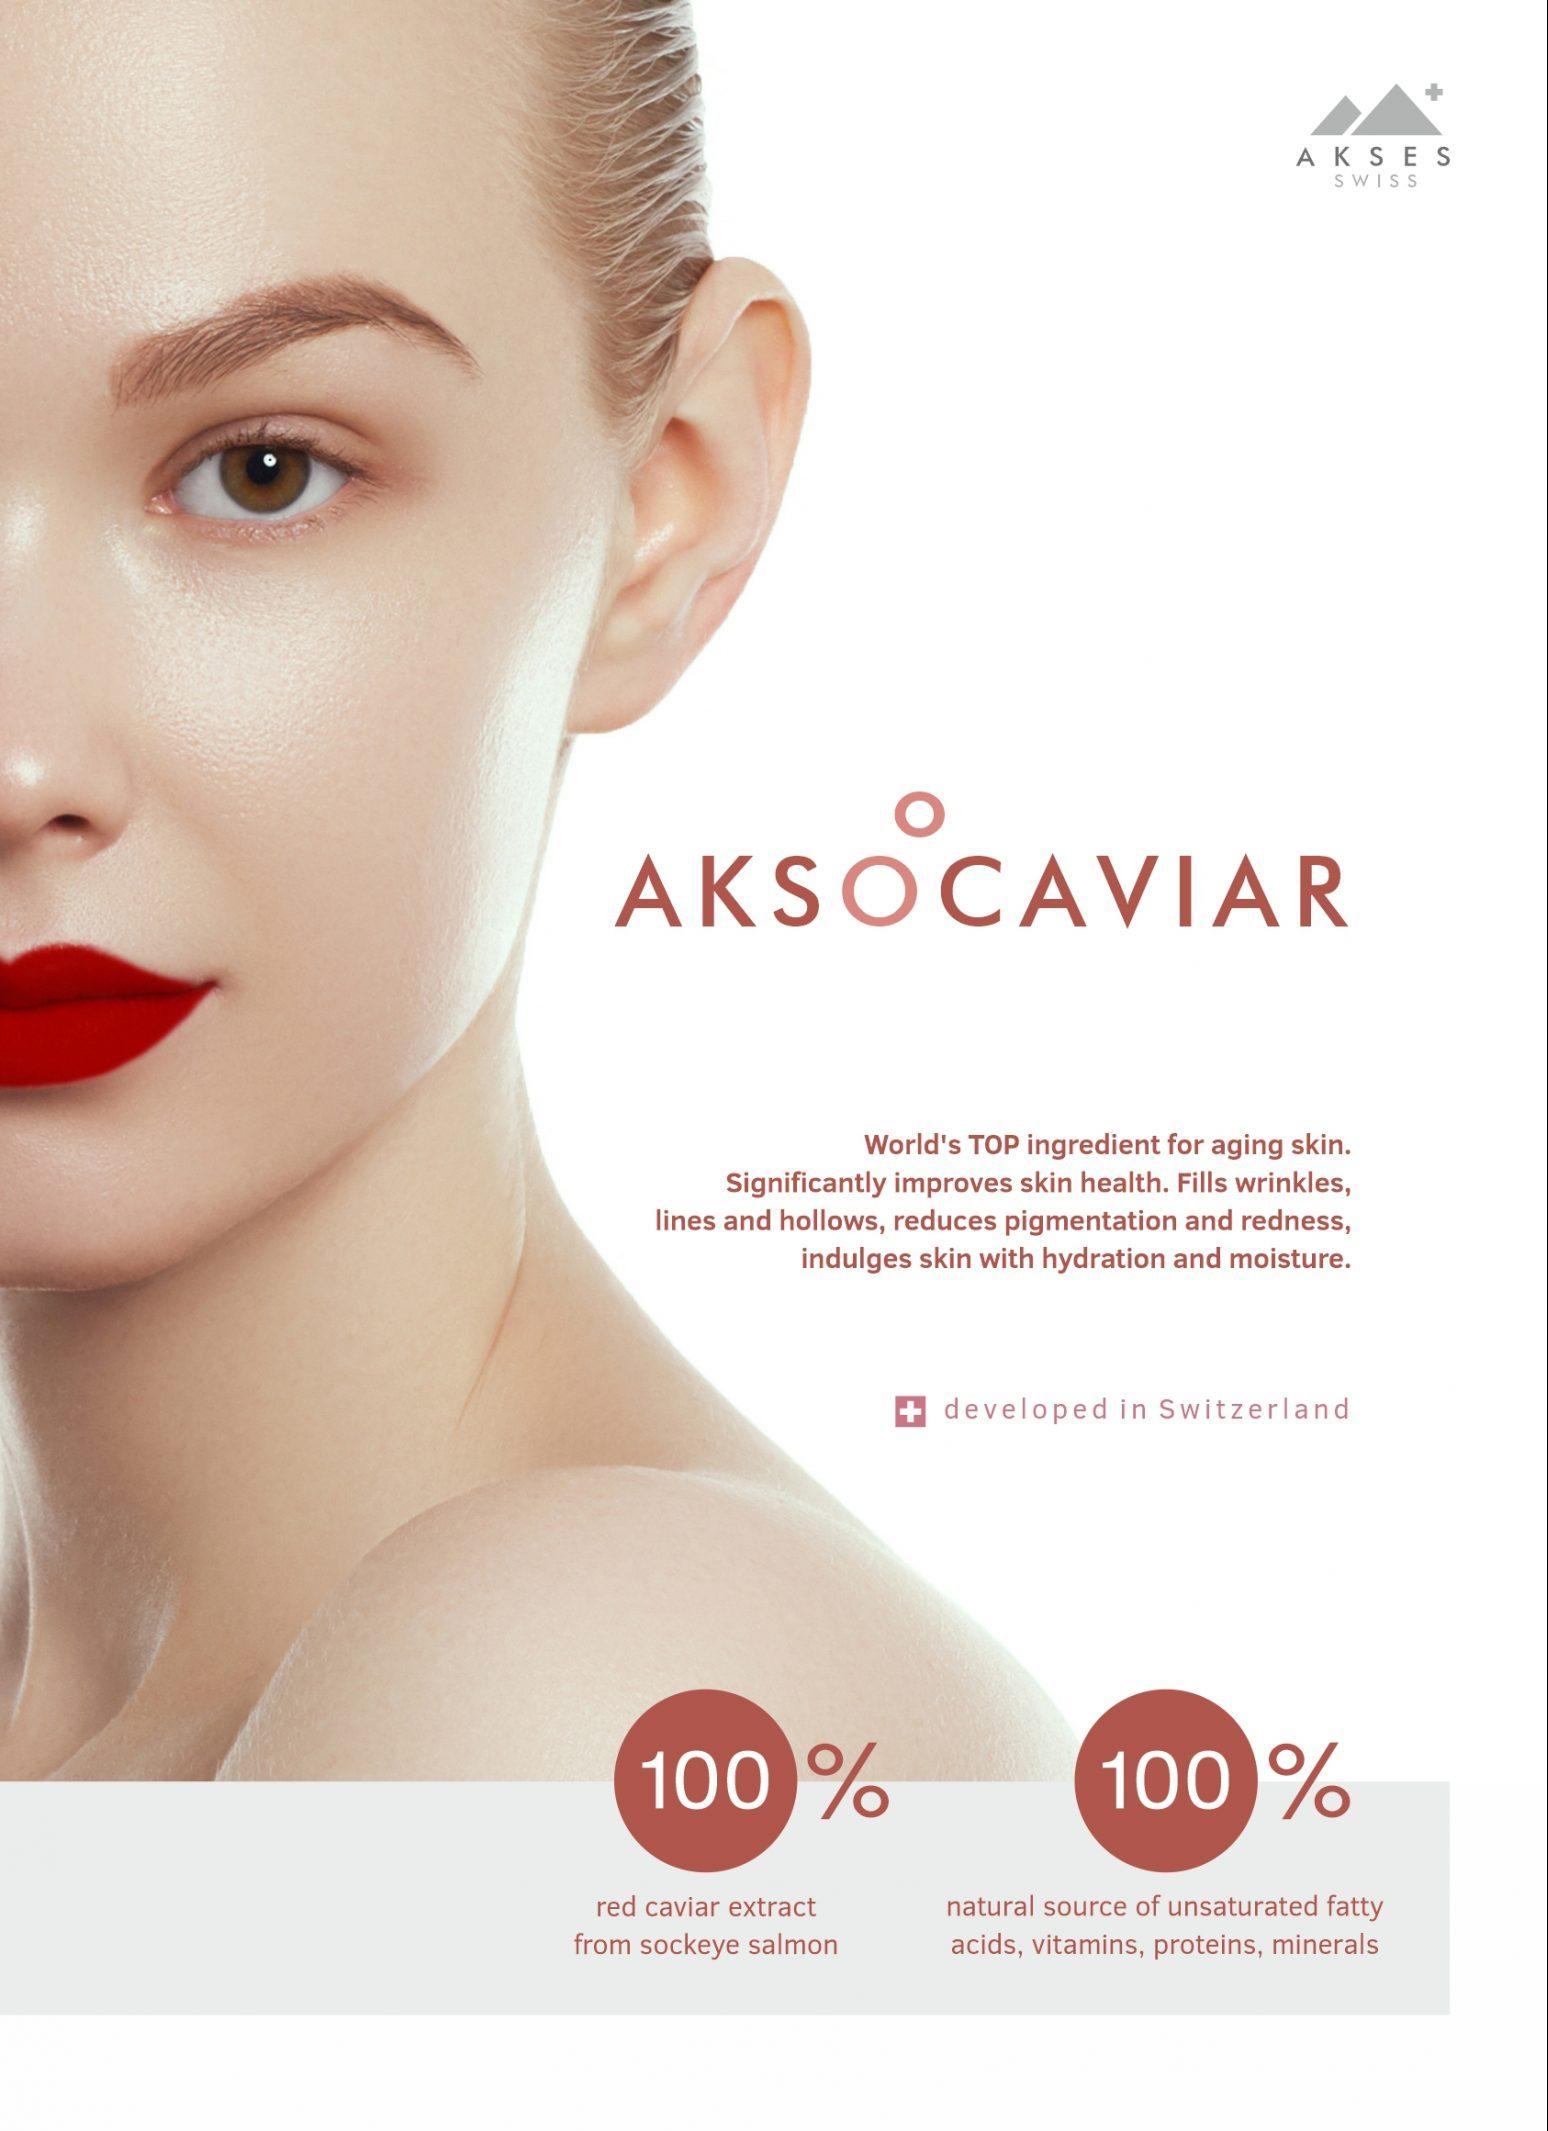 Aksocaviar